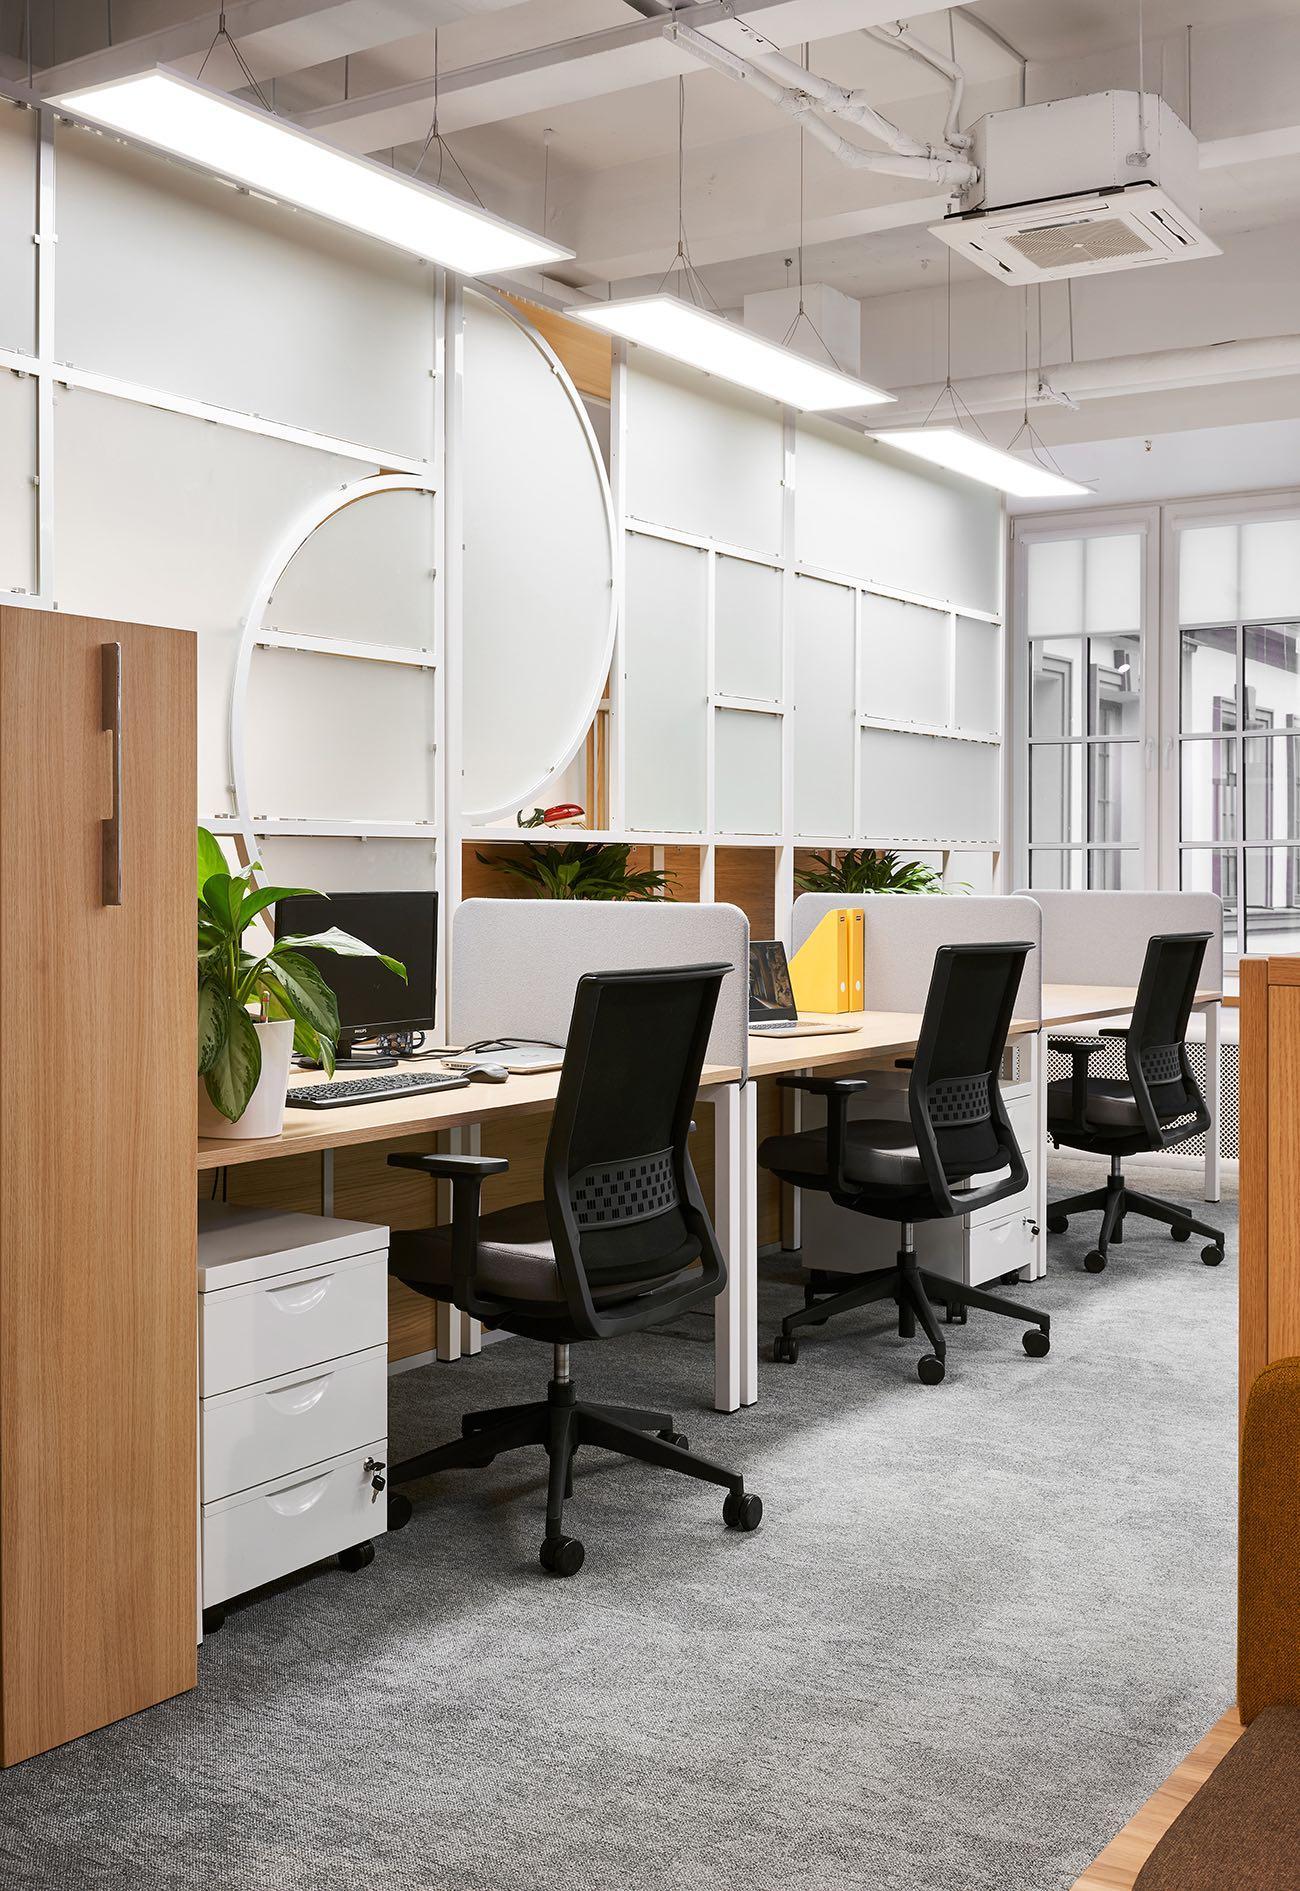 kassir-saint-pettesburgh-office-36